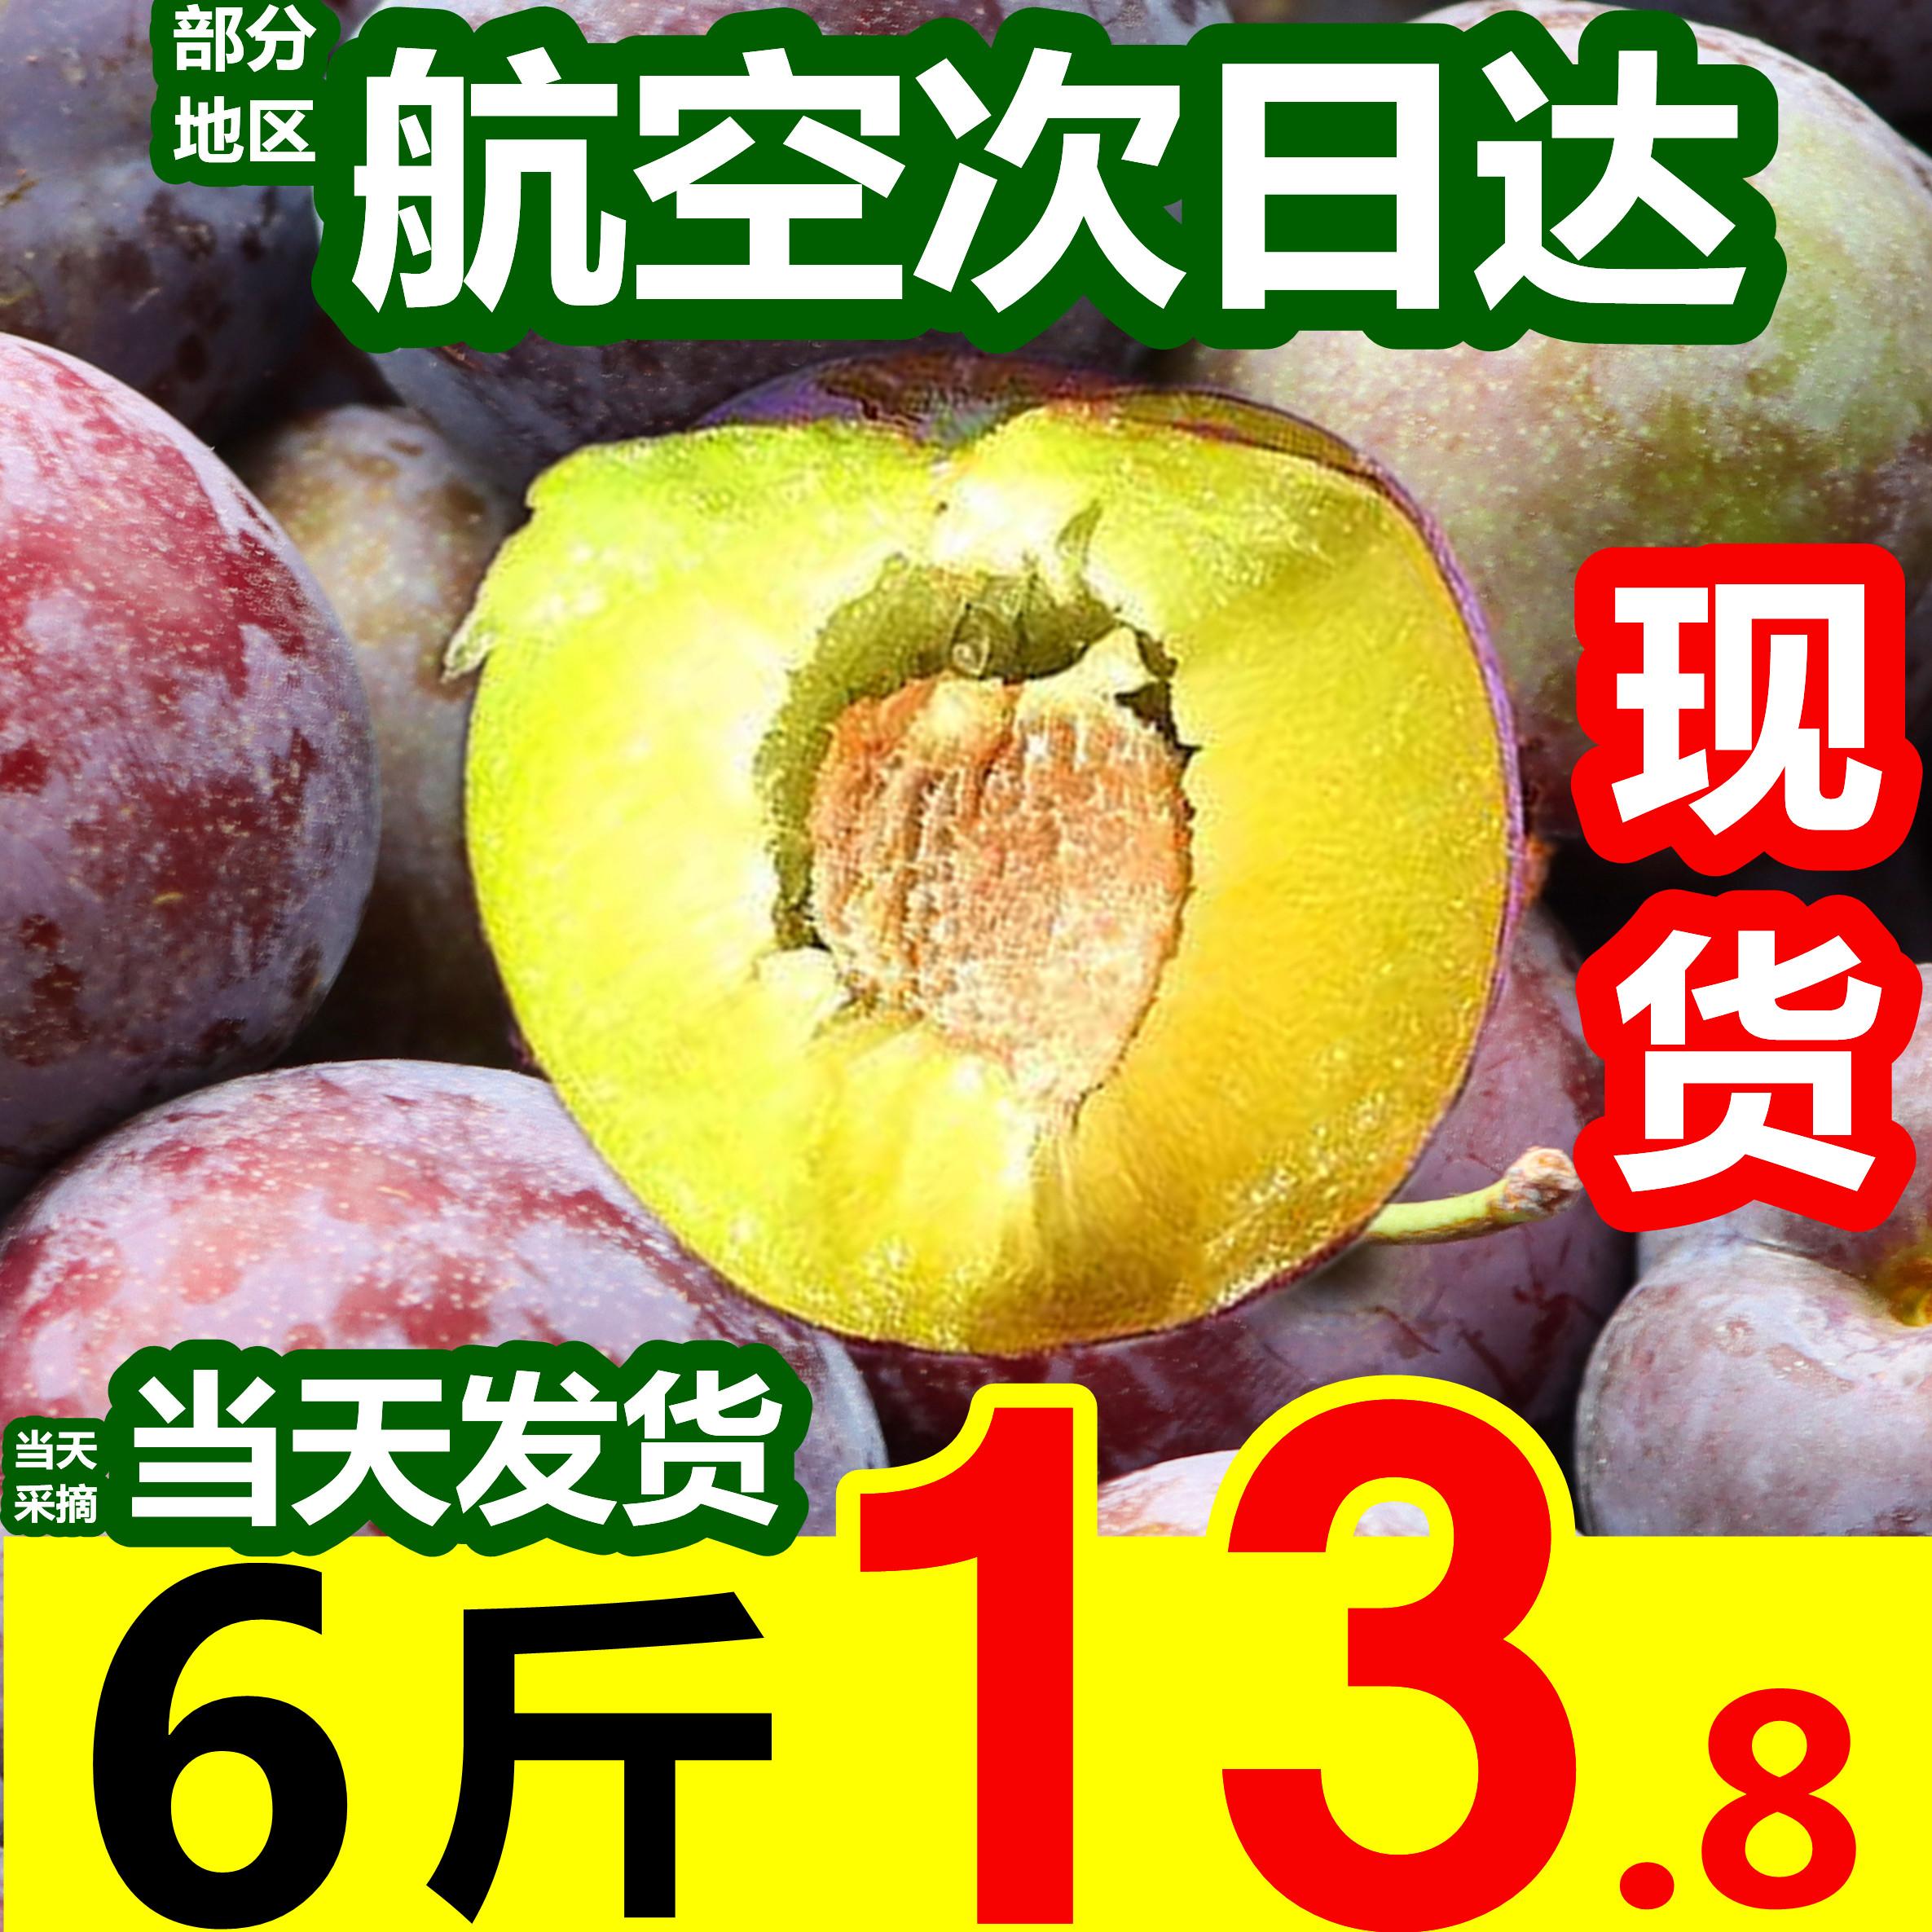 四川李子小脆红新鲜现货半边红茵红李5斤当季水果脆甜脱骨李包邮